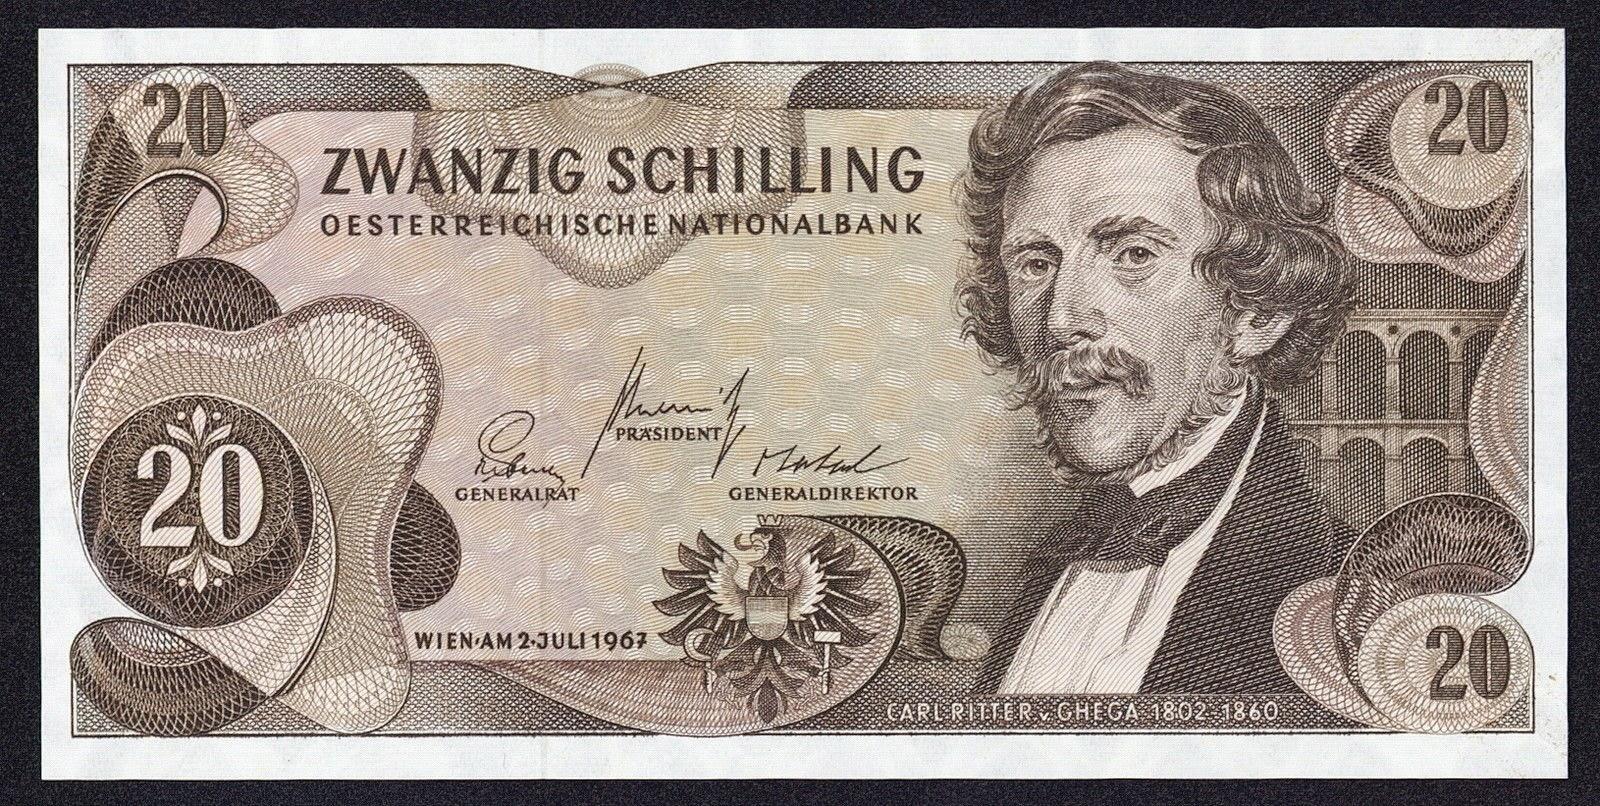 Austria Banknotes 20 Schilling banknote 1967 Carl Ritter von Ghega